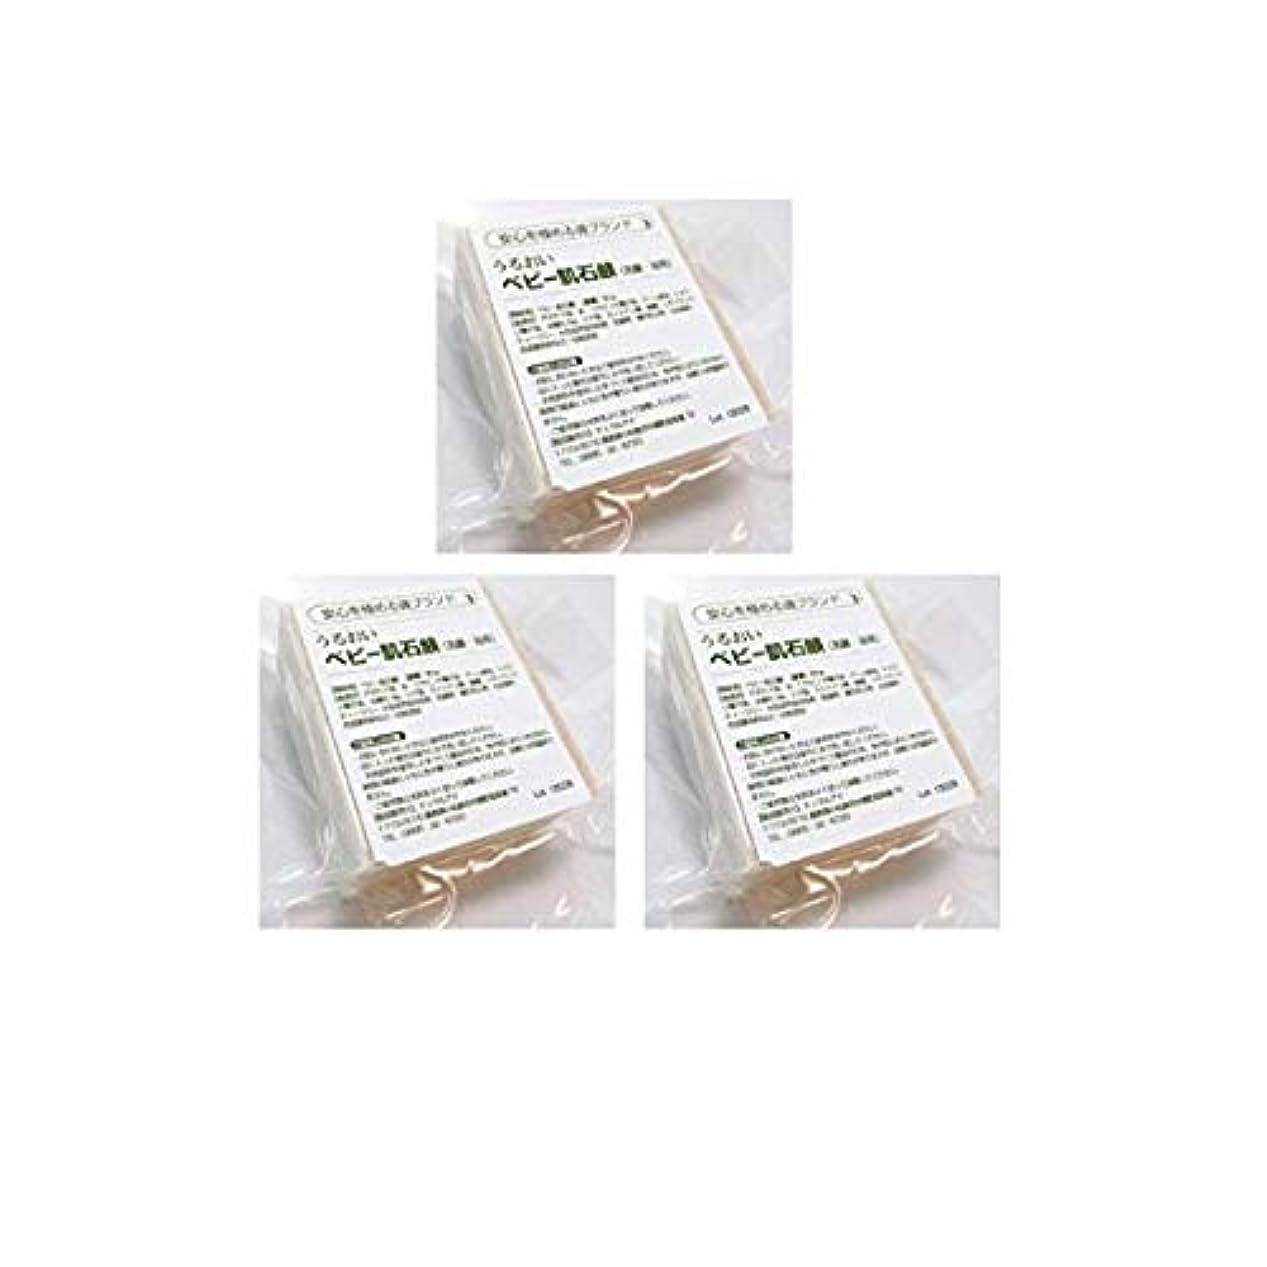 観点誠意クスクスアボカド石鹸 うるおいベビー肌石鹸3個セット(80g×3個)アボカドオイル50%配合の完全無添加石鹸